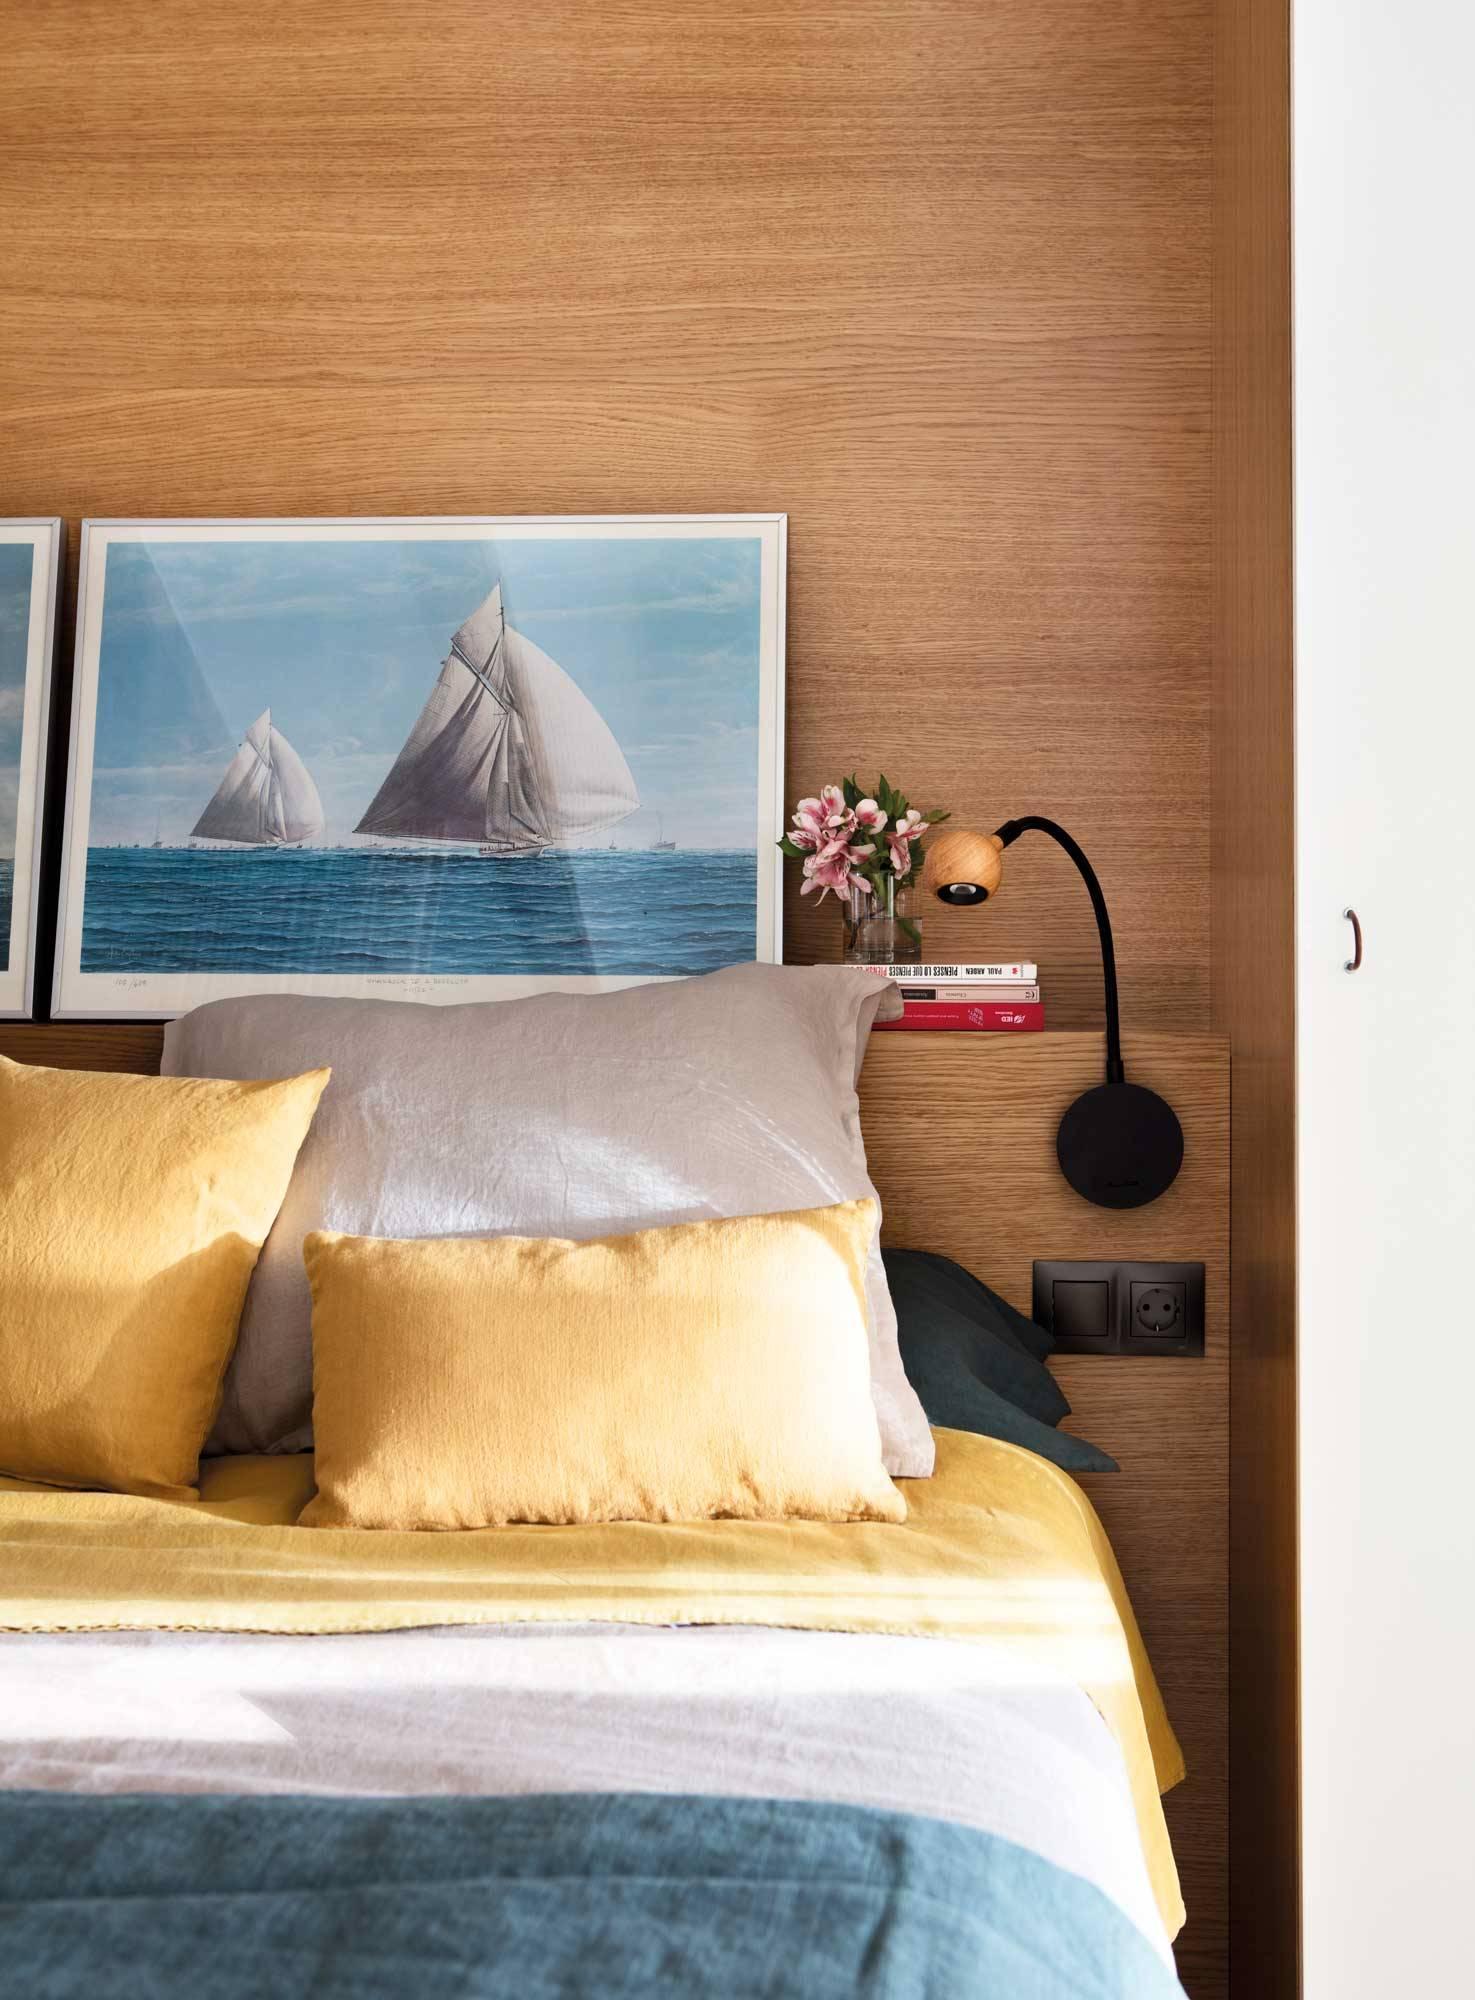 dormitorio-pequeno-cabecero-madera 00508382. Cabecero de obra, sí, pero de poco fondo